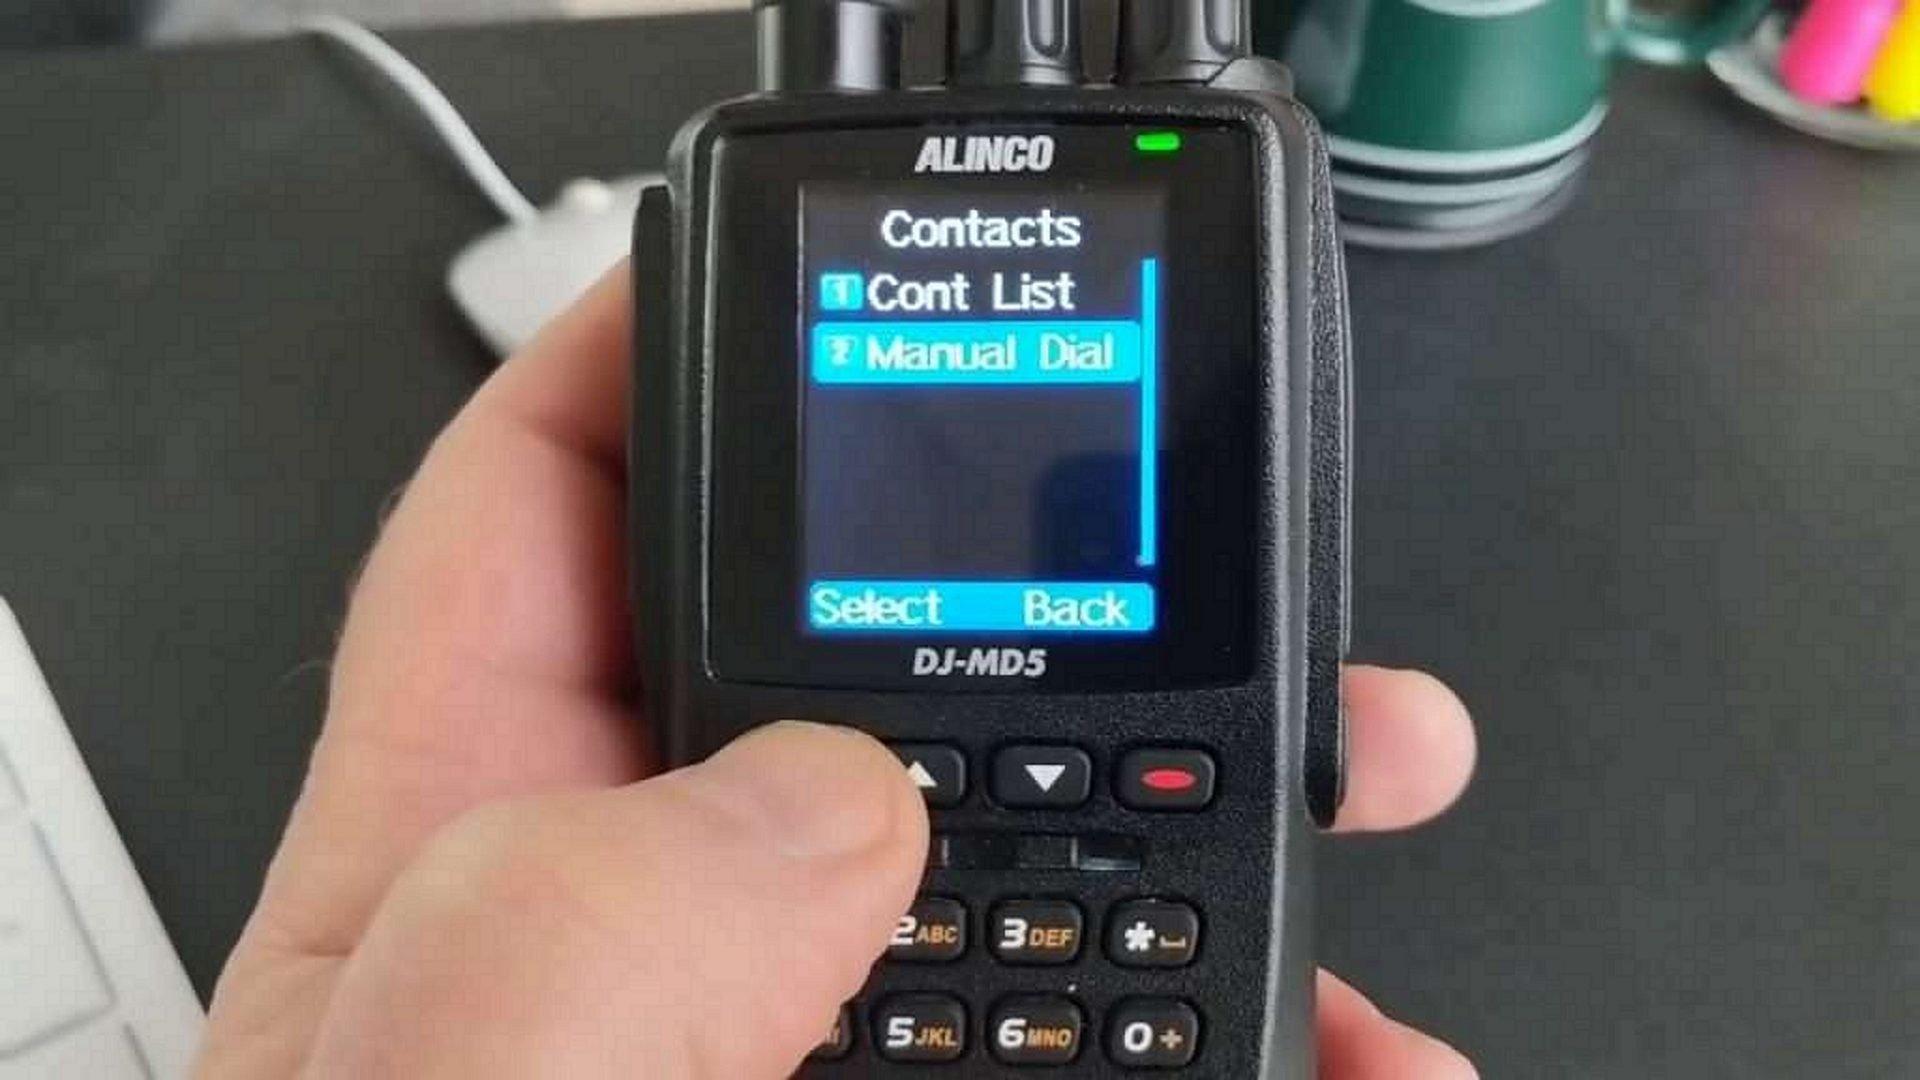 ALINCO handheld GPS conacts menu